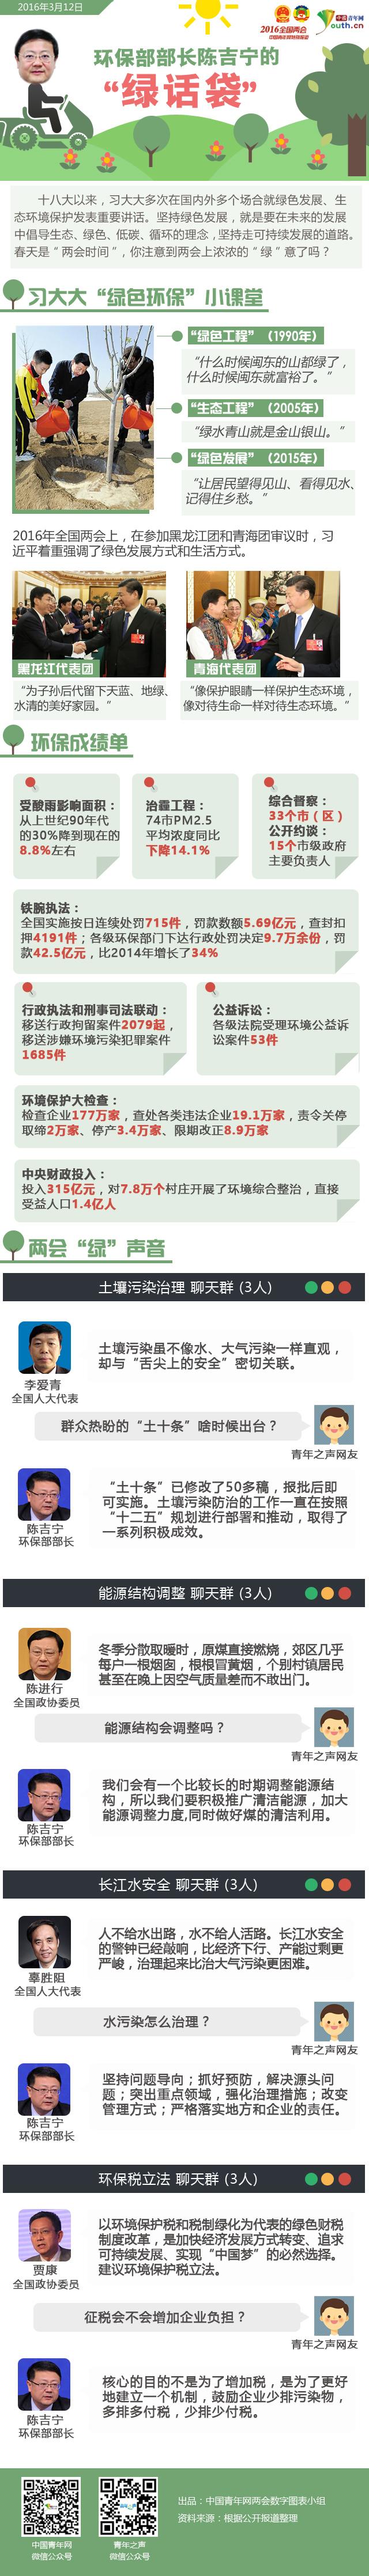 """环保部部长陈吉宁的""""绿话袋"""""""